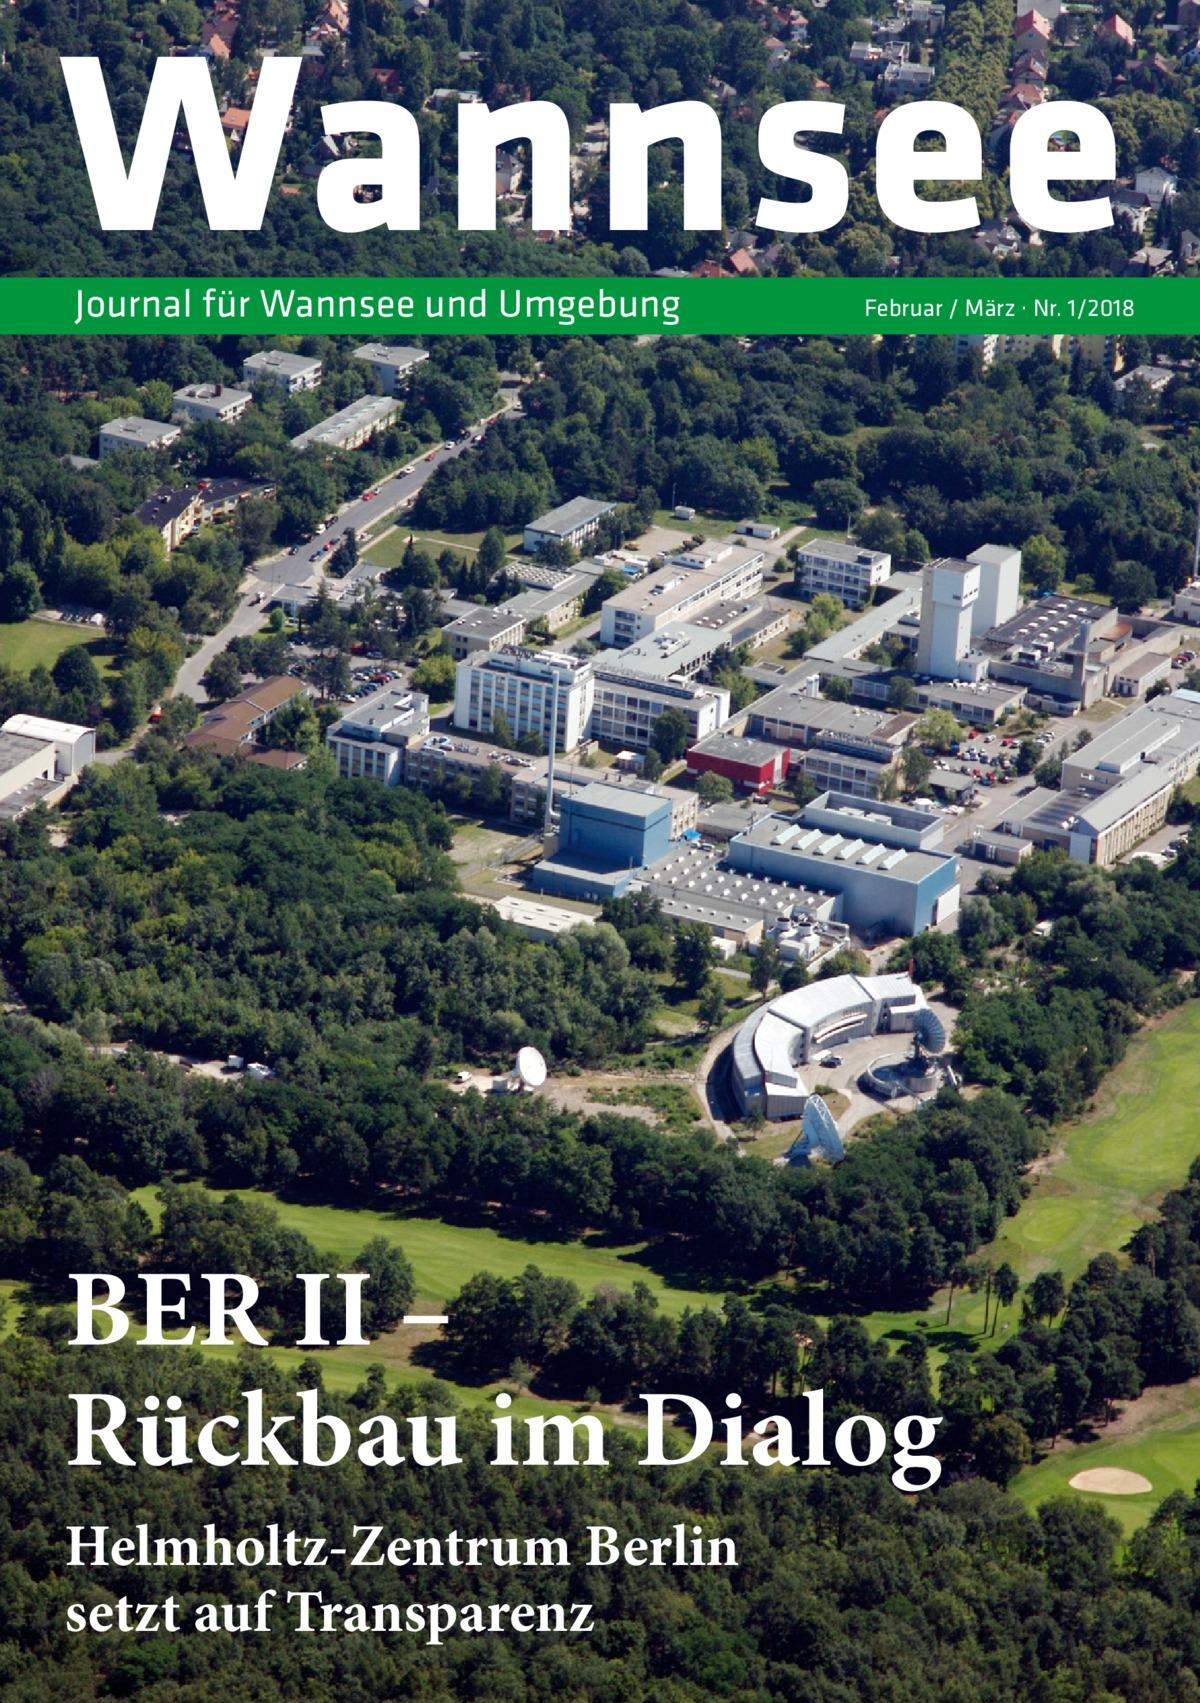 Wannsee Journal für Wannsee und Umgebung  Februar / März · Nr. 1/2018  BERII – Rückbau im Dialog Helmholtz-Zentrum Berlin setzt auf Transparenz